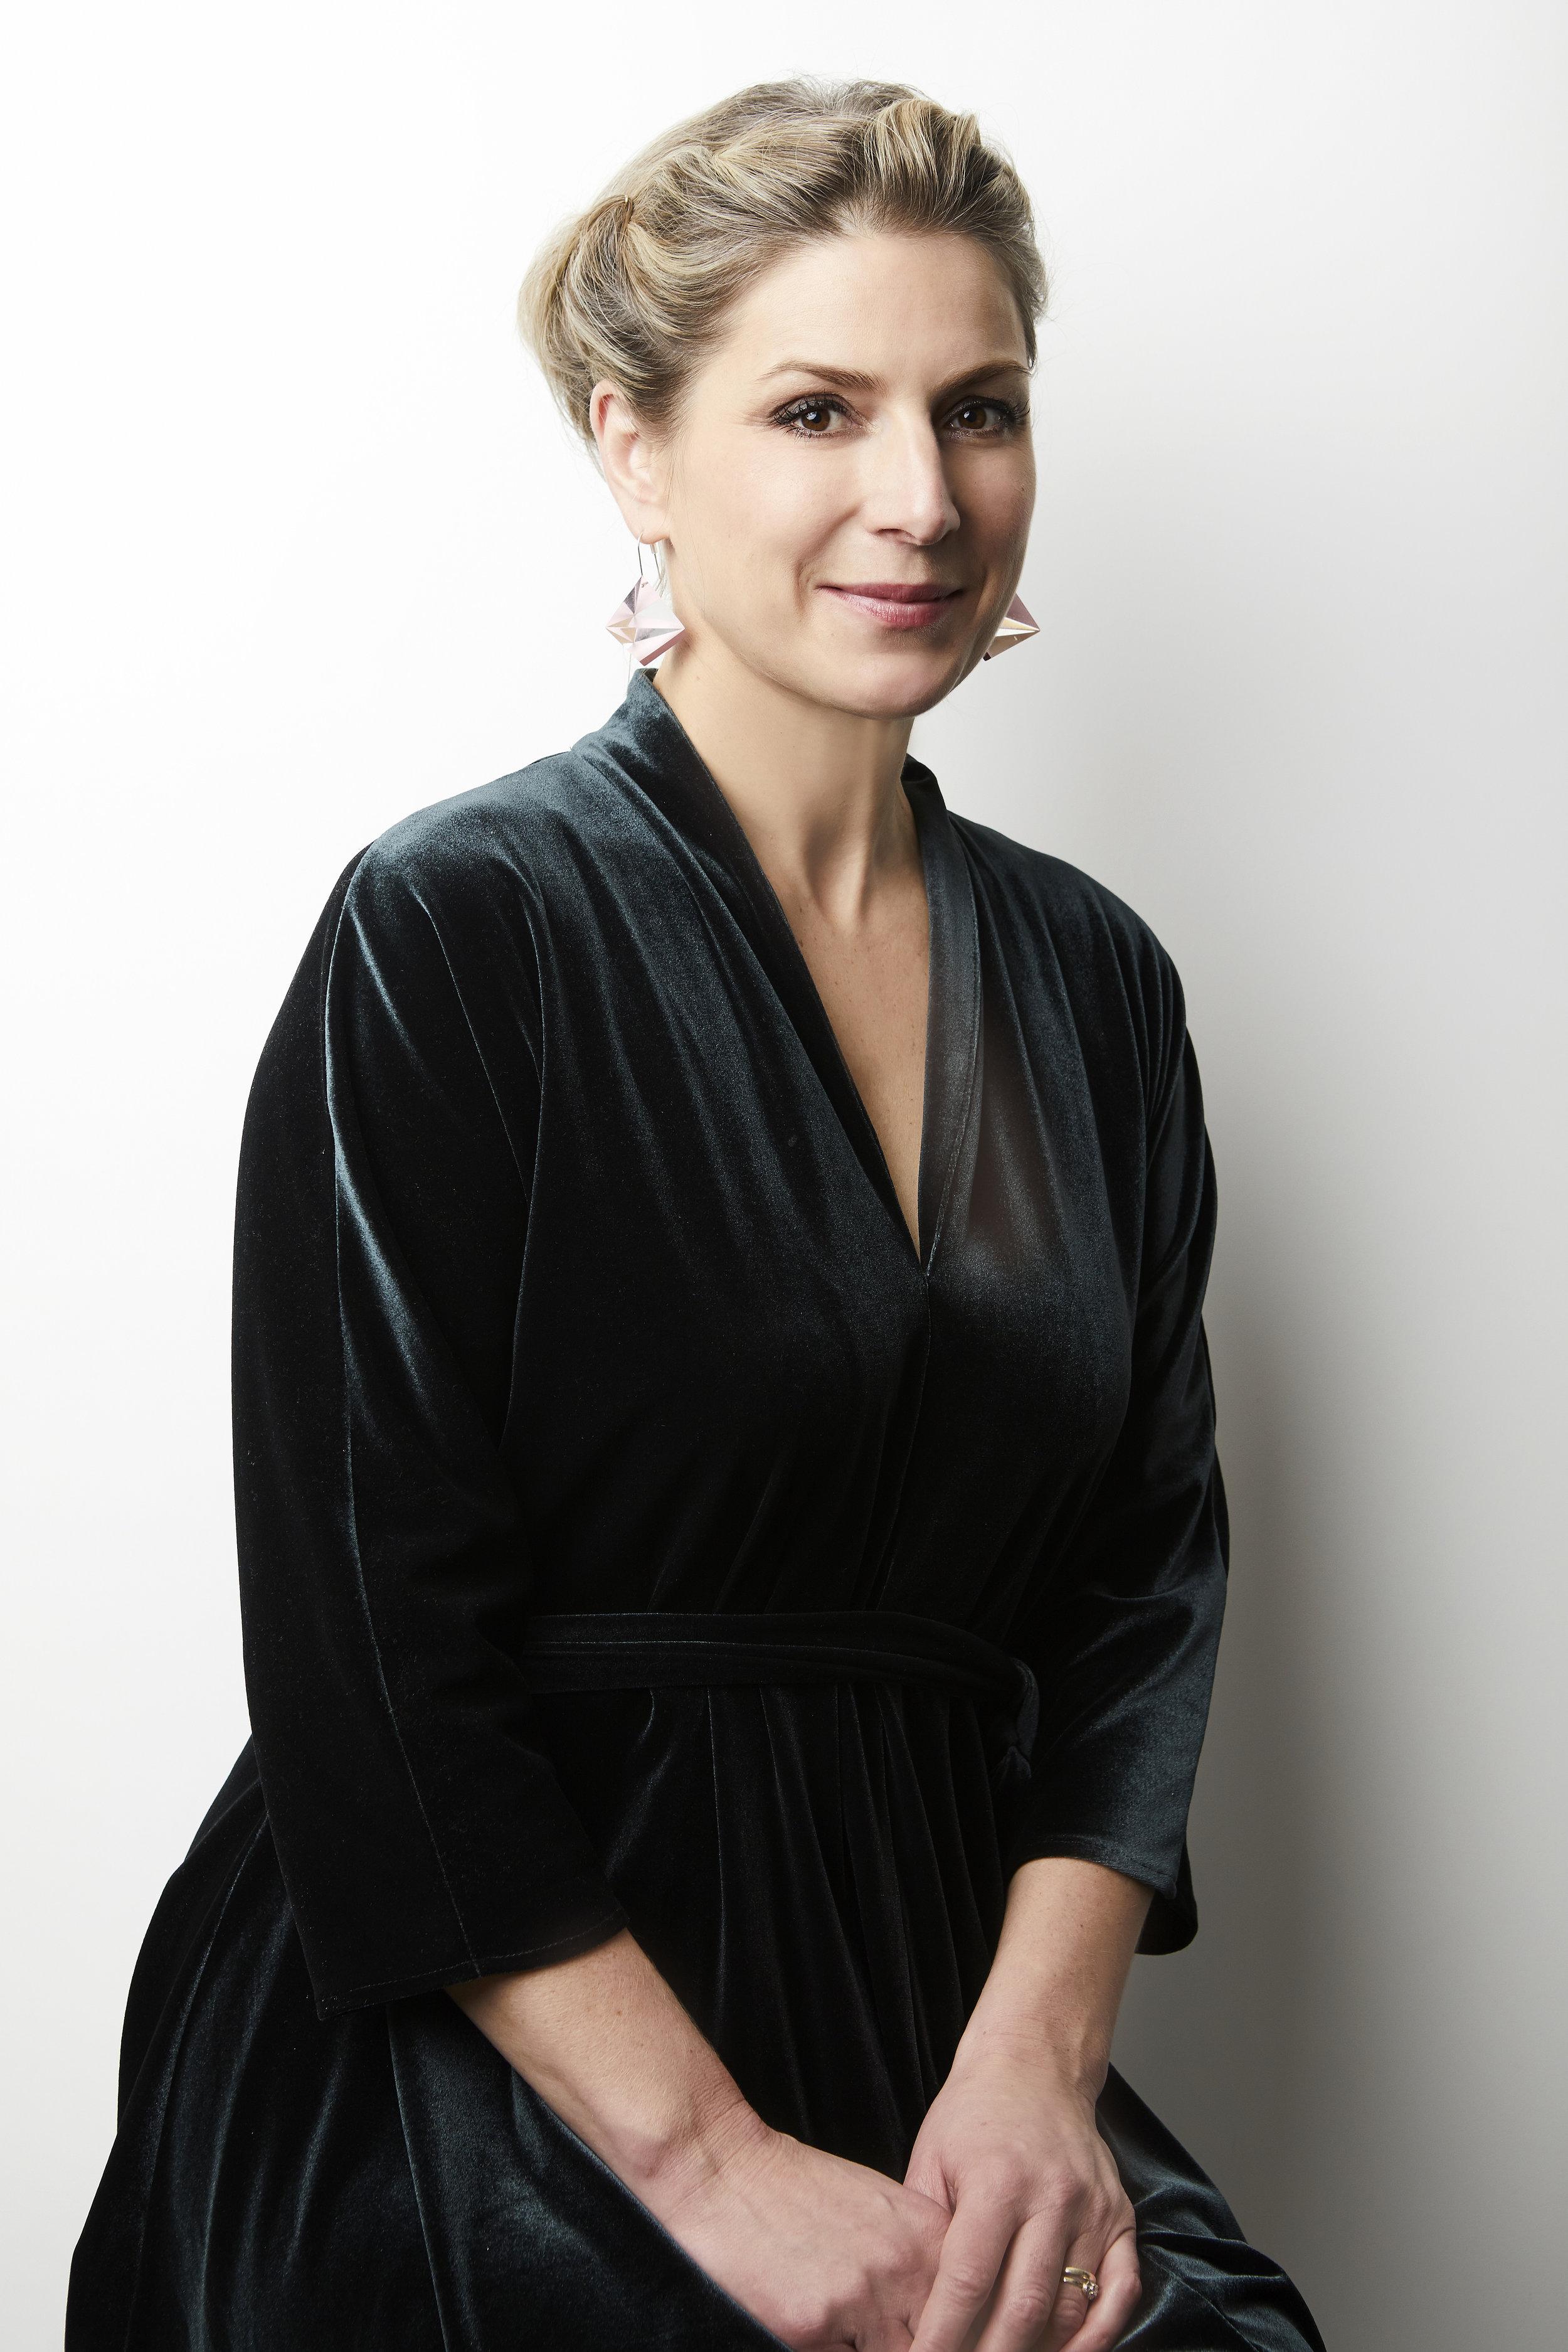 Viktorie Souckova